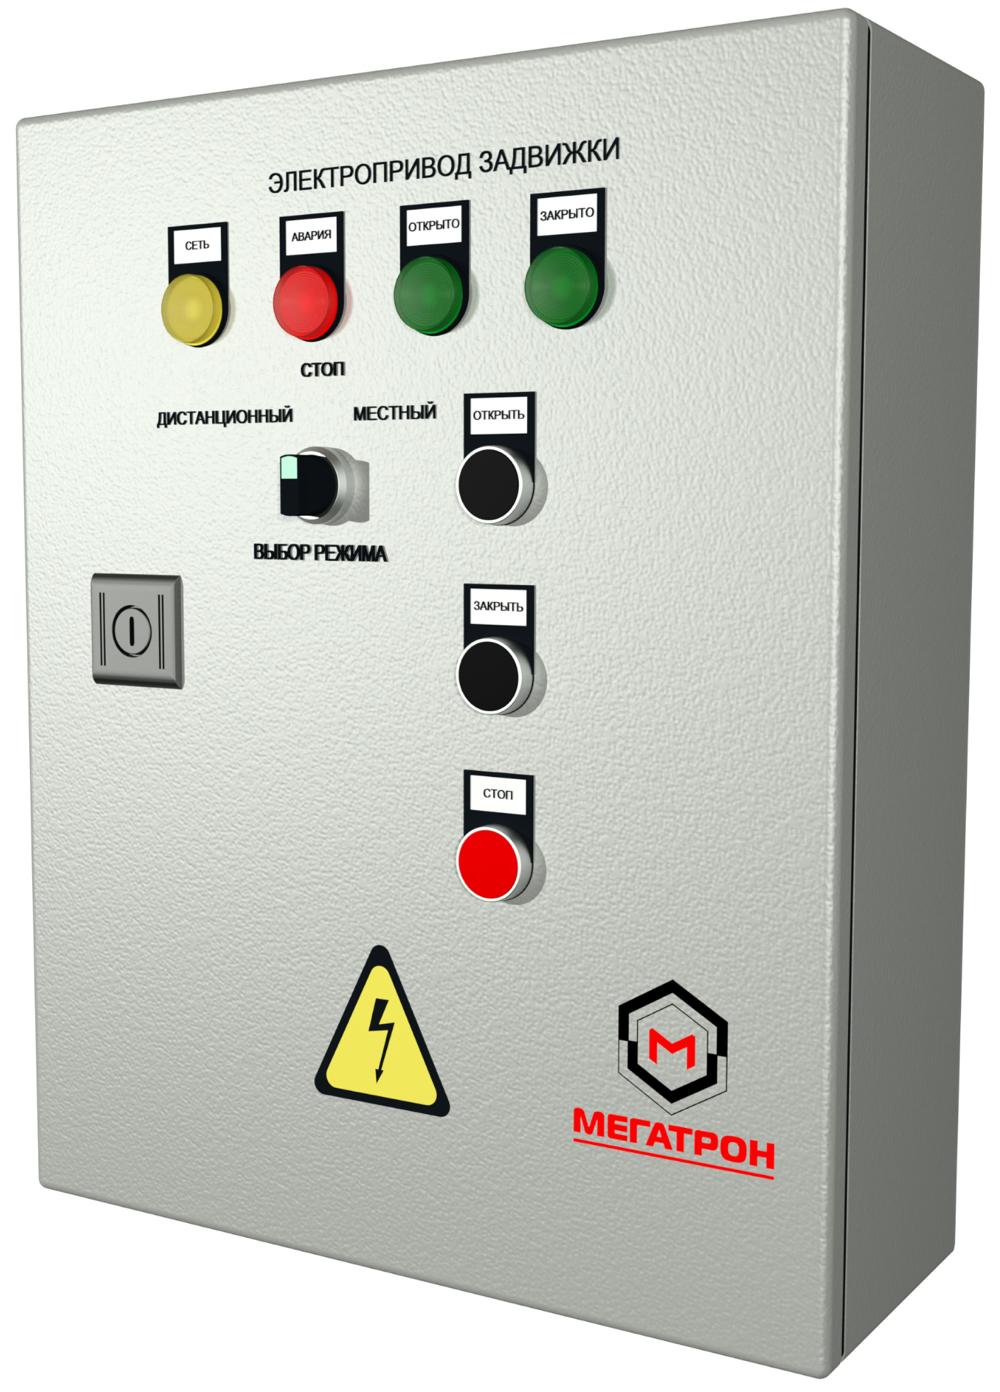 Многофункциональный шкаф управления насосами: преимущества установки